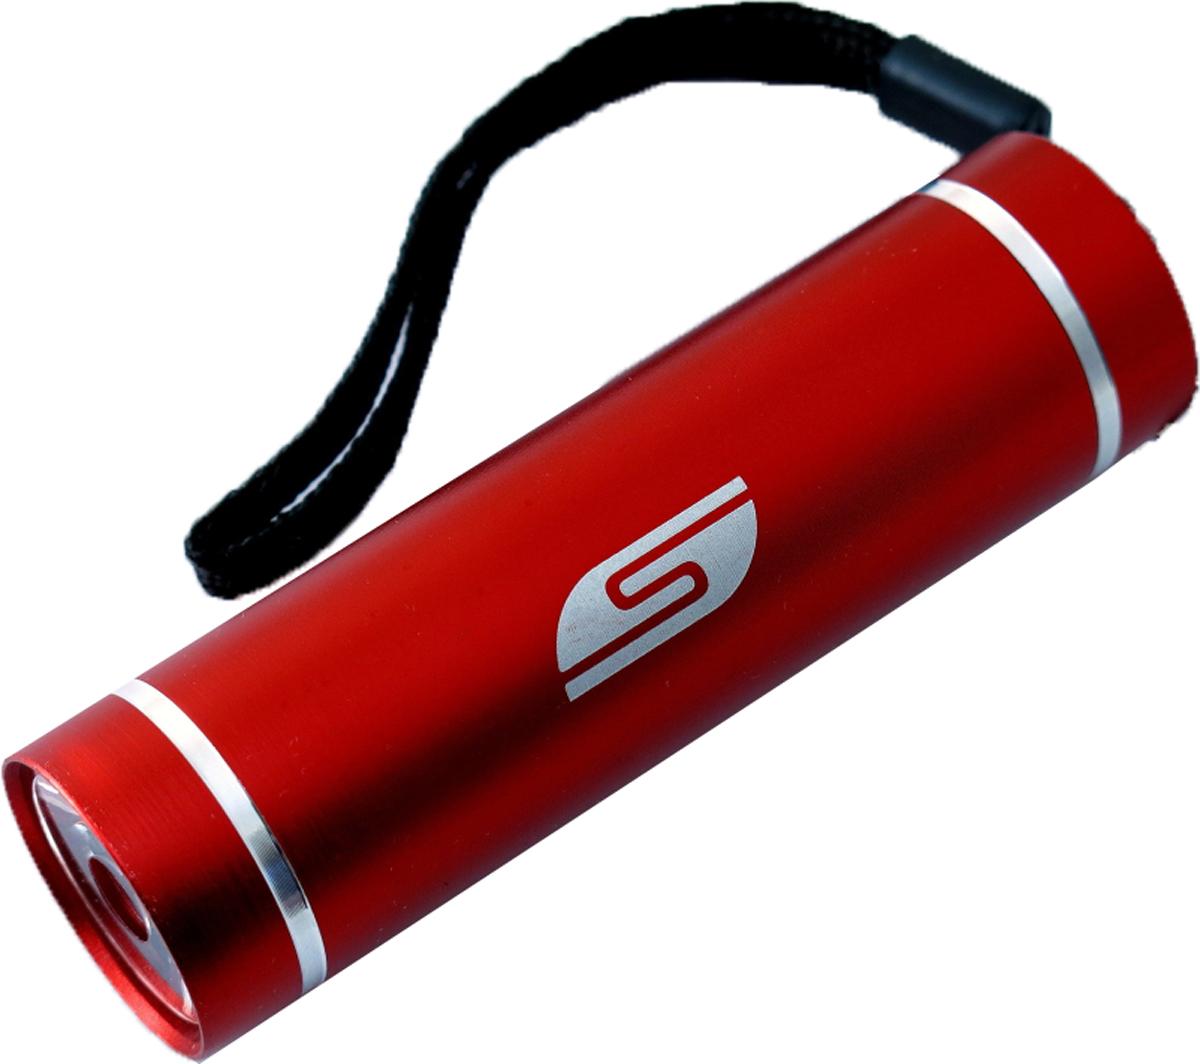 Фонарь ручной SOLARIS T-53108redКарманный фонарь, подходит для ежедневного ношения. Фонарь выполнен из качественного алюминия с защитным анодированием корпуса. Влагозащищённый — стандарт IPX6. Фонарь снабжен современным светодиодом мощностью 1 Ватт. Мощность светового потока 60 люмен, дальность эффективного излучения света 100 метров. Размеры/вес фонаря: 90мм *26мм; 40грамм (без батарей). Благодаря длине всего 9 сантиметров и малому весу фонарь идеально подходит для ежедневного ношения в качестве карманного. Кнопка включения в хвостовой части фонаря утоплена в корпус, что исключает случайное нажатие в кармане. Коллиматорная линза направленного действия и светодиод мощностью 1 Ватт обеспечивают фонарю очень приличную дальность освещения 100 метров. Фонарь может применяться в качестве запасного туристического фонаря и источника света для бытовых нужд. Особенности конструкции и эксплуатации фонаря SOLARIS T-5: - Один режим работы фонаря. - Кнопка включения расположена в хвостовой части фонаря. - Фонарь...